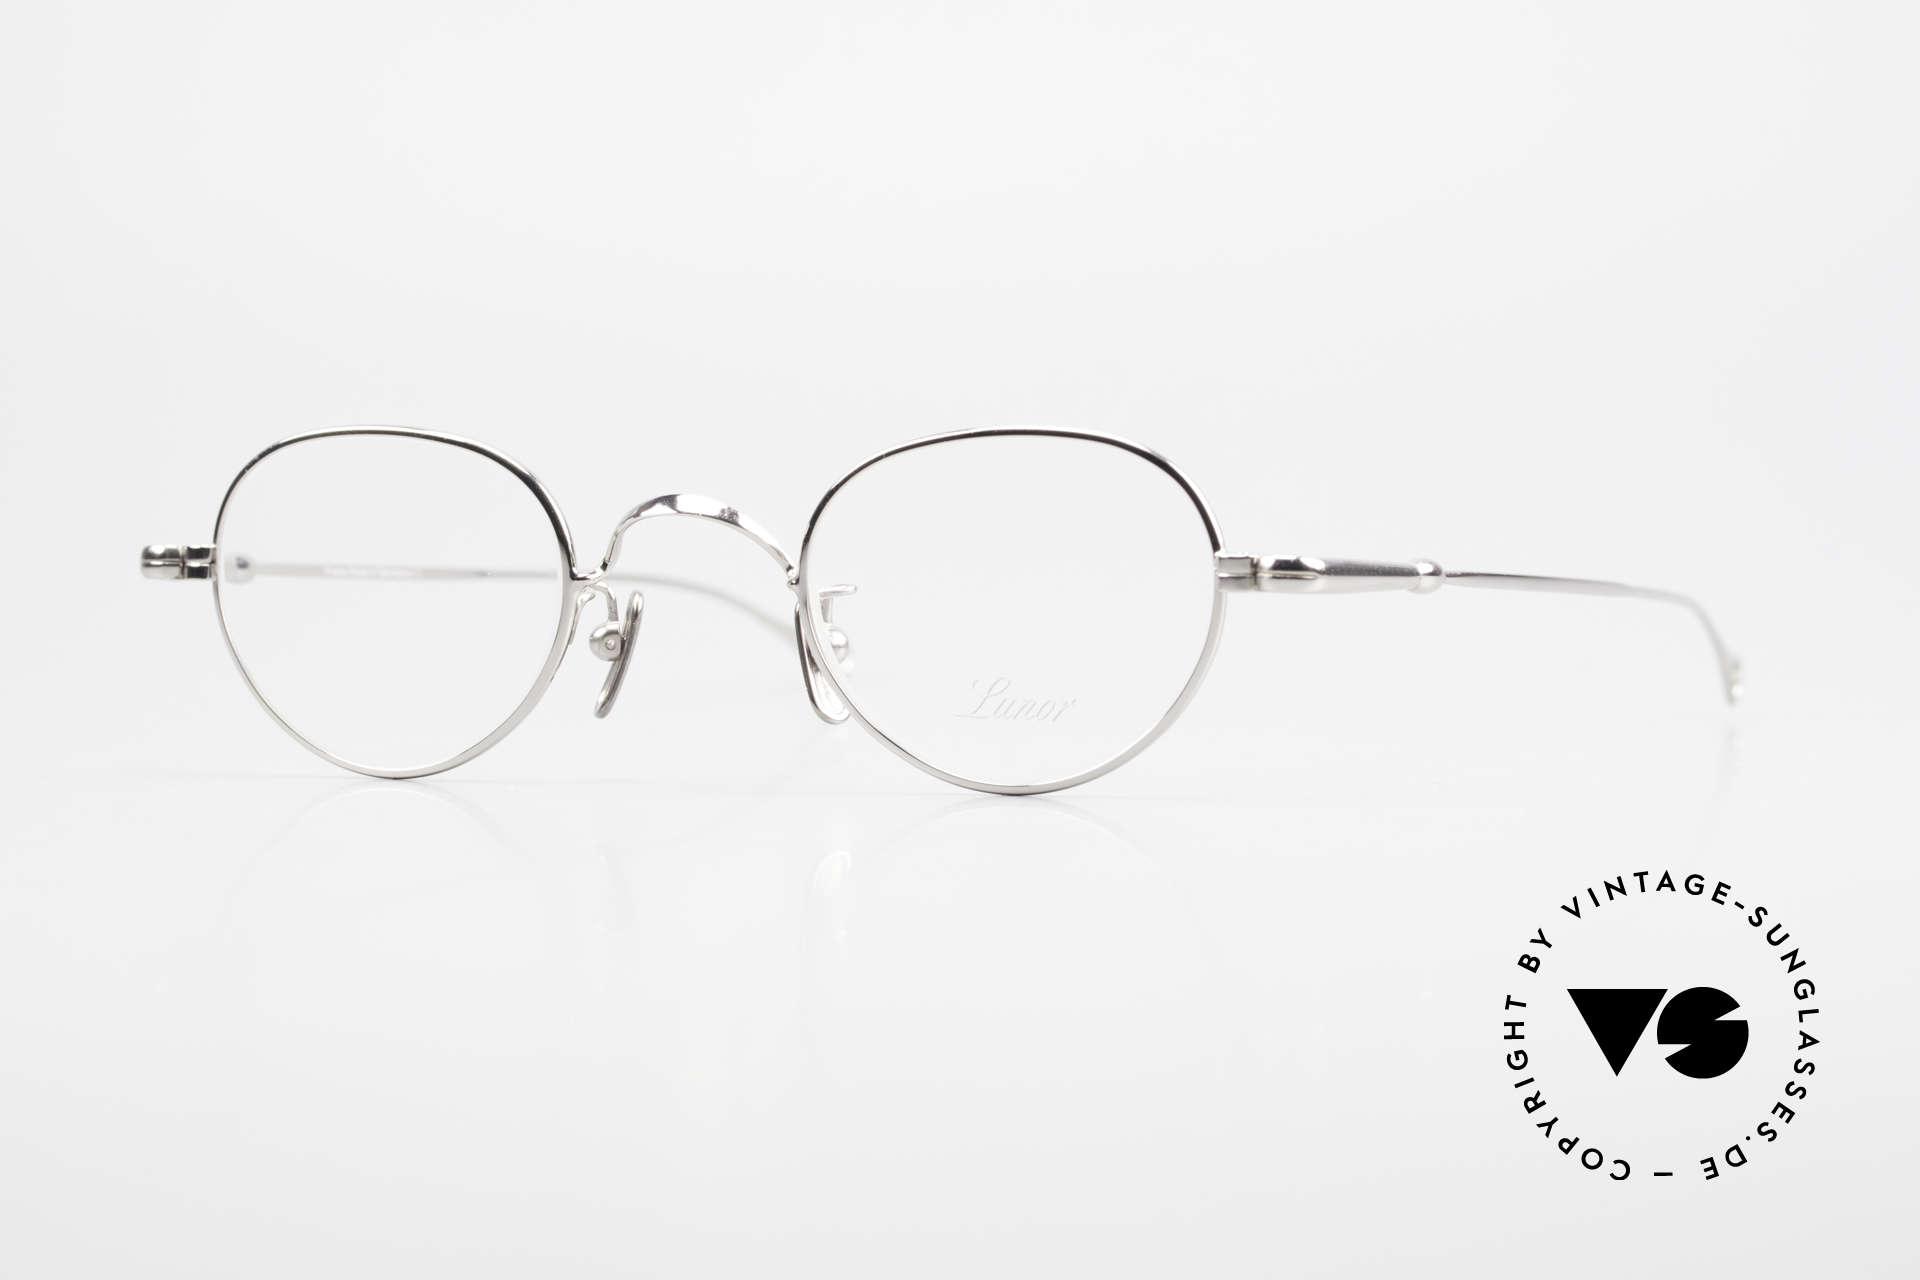 Lunor V 103 Zeitlose Lunor Brille Platin, LUNOR = ehrliches Handwerk mit Liebe zum Detail, Passend für Herren und Damen